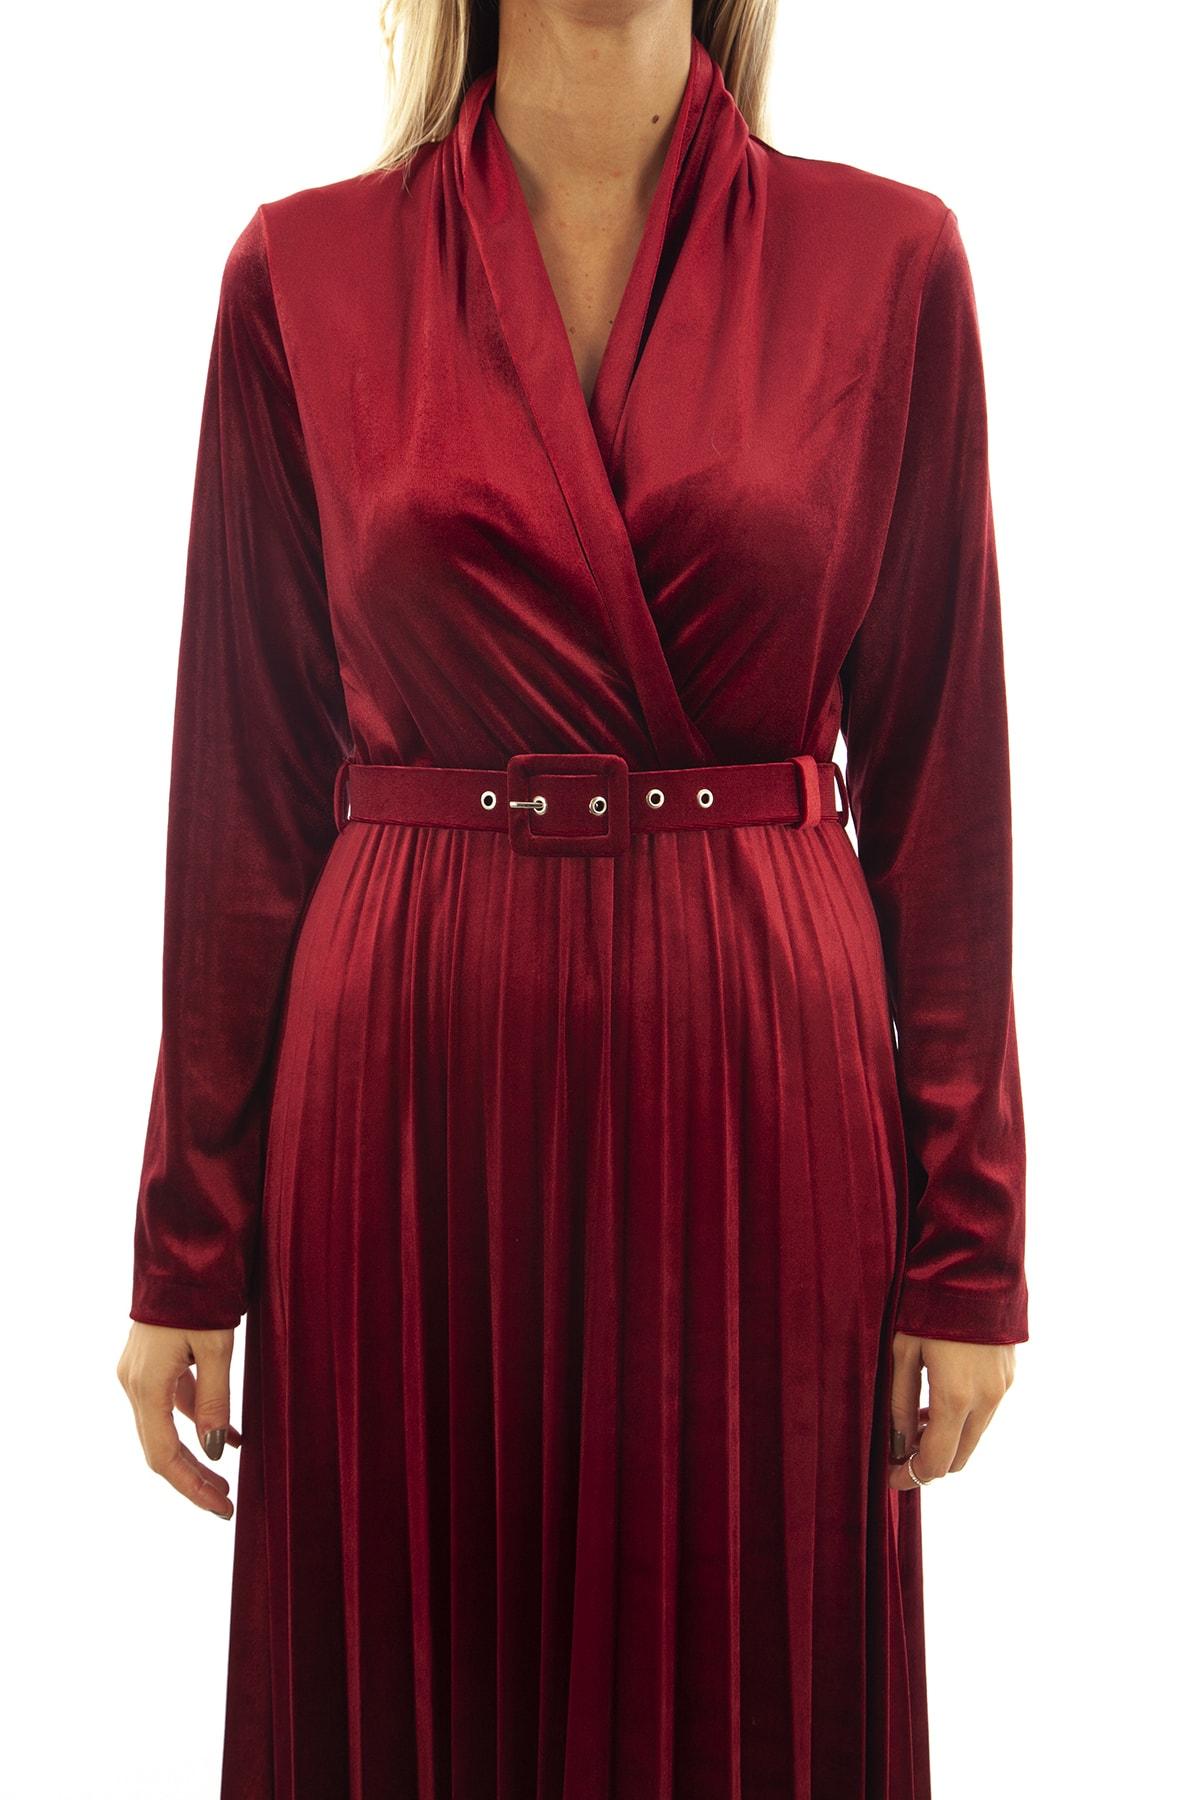 Ardanewline Kadın Bordo Elbise 1024235 2